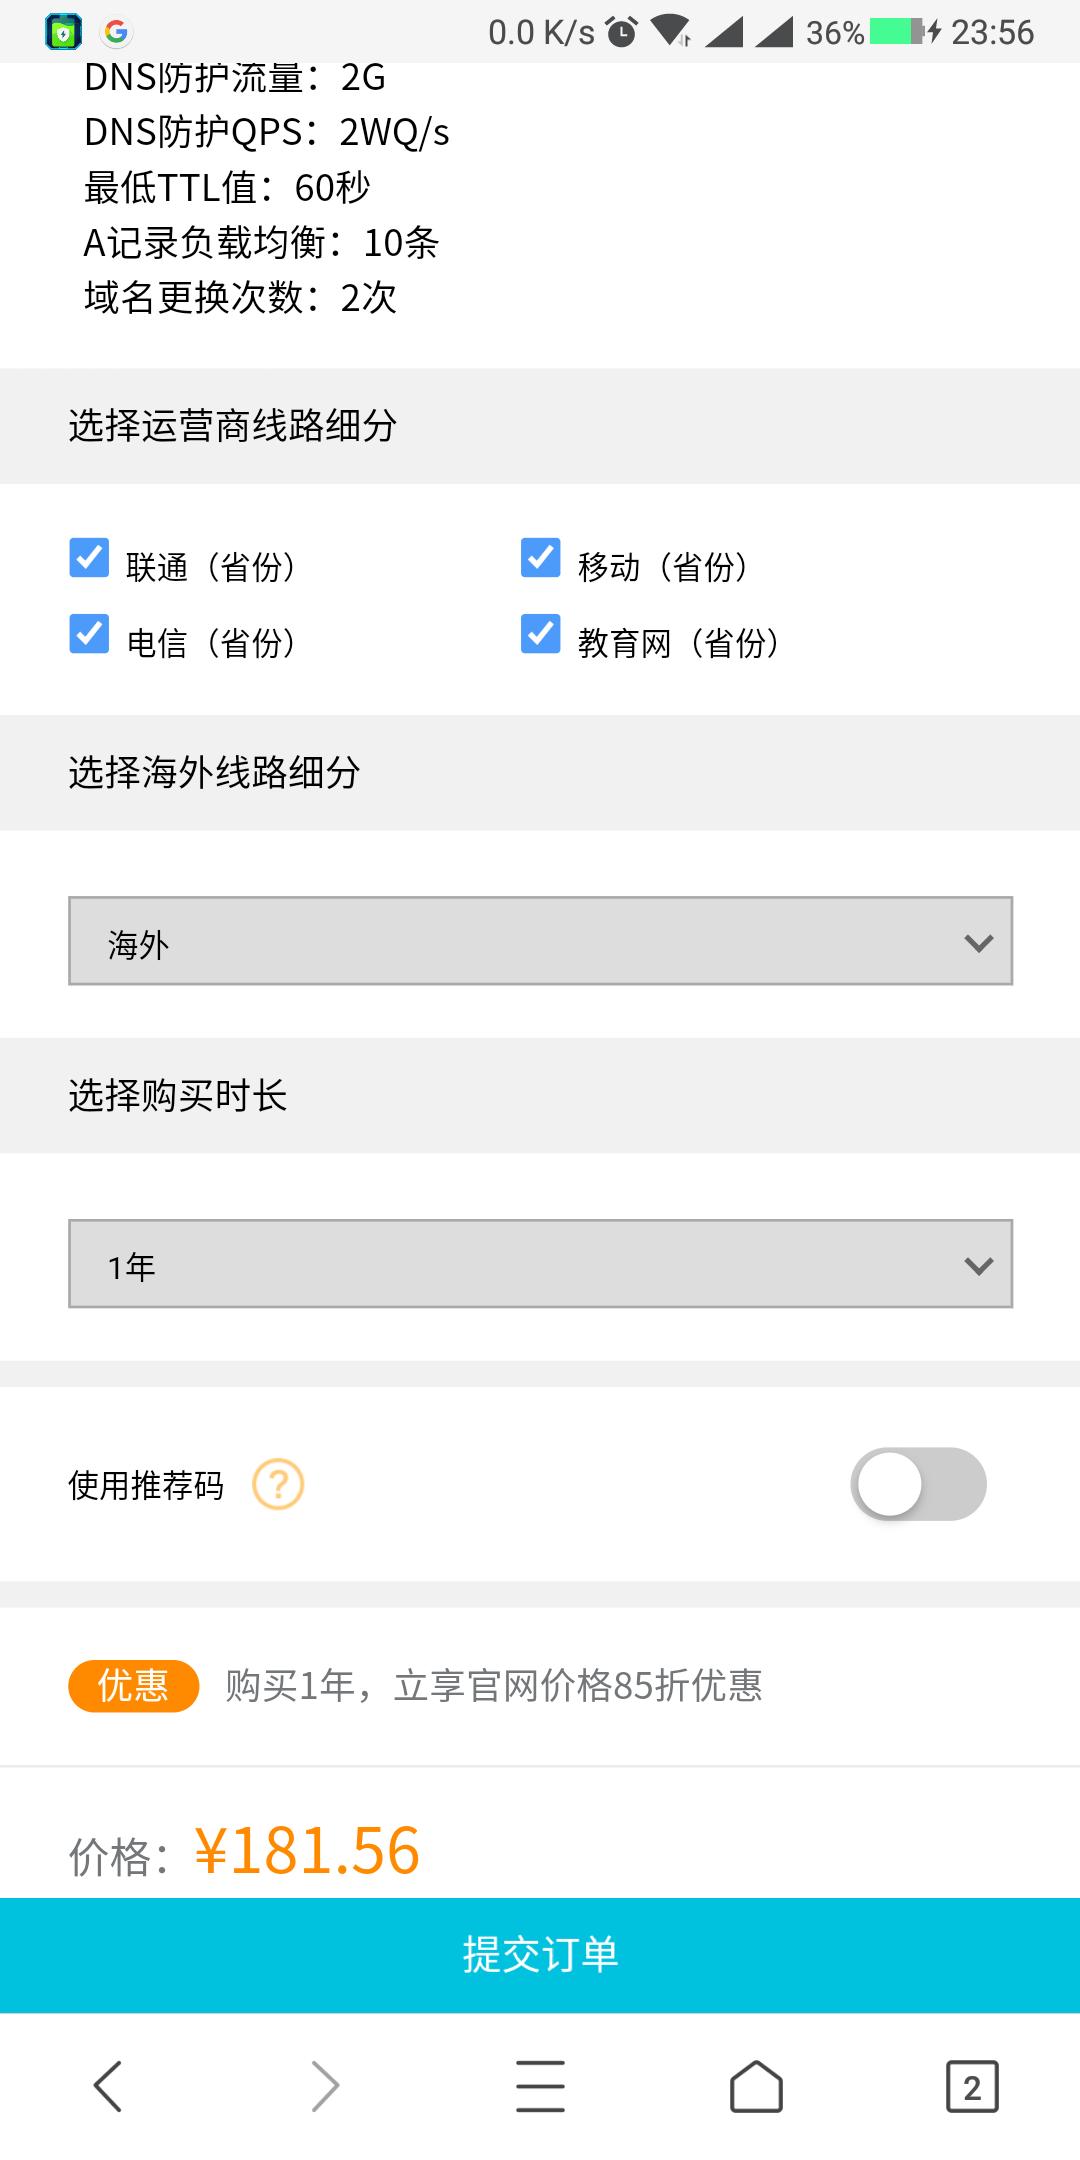 Screenshot_2019-05-25-23-56-16-923_com.tencent.mt.png